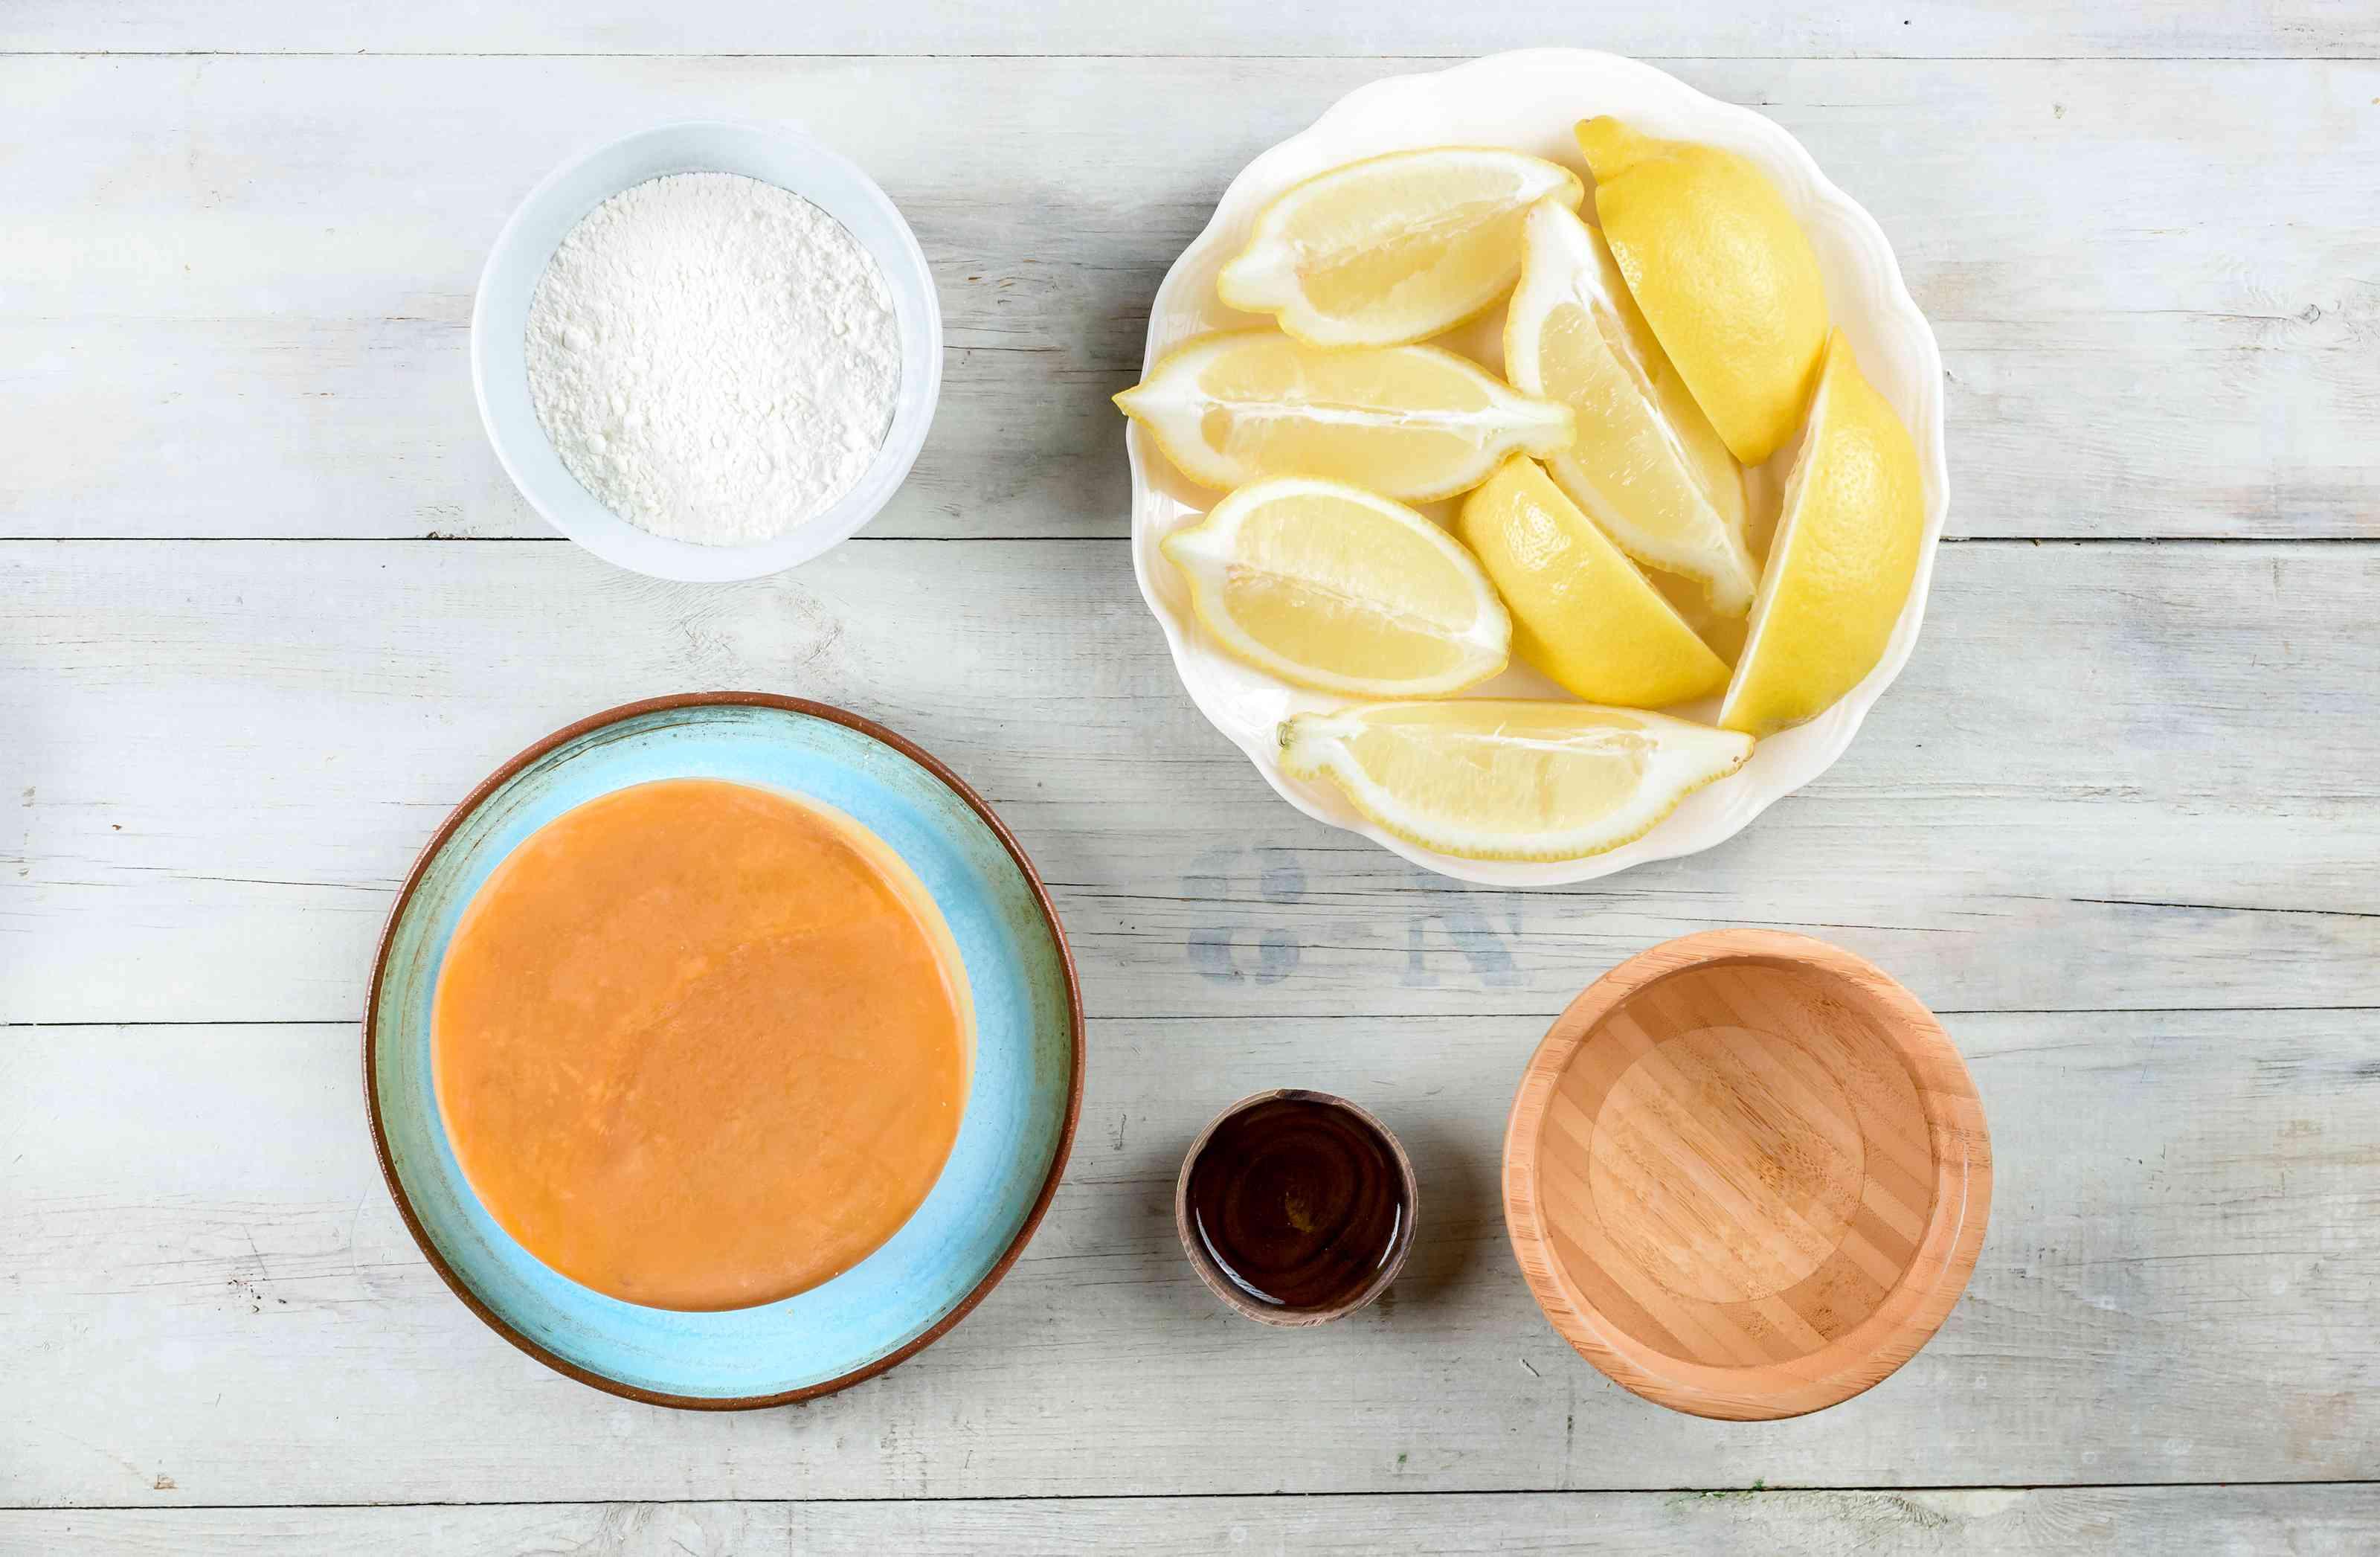 Ingredients for saganaki